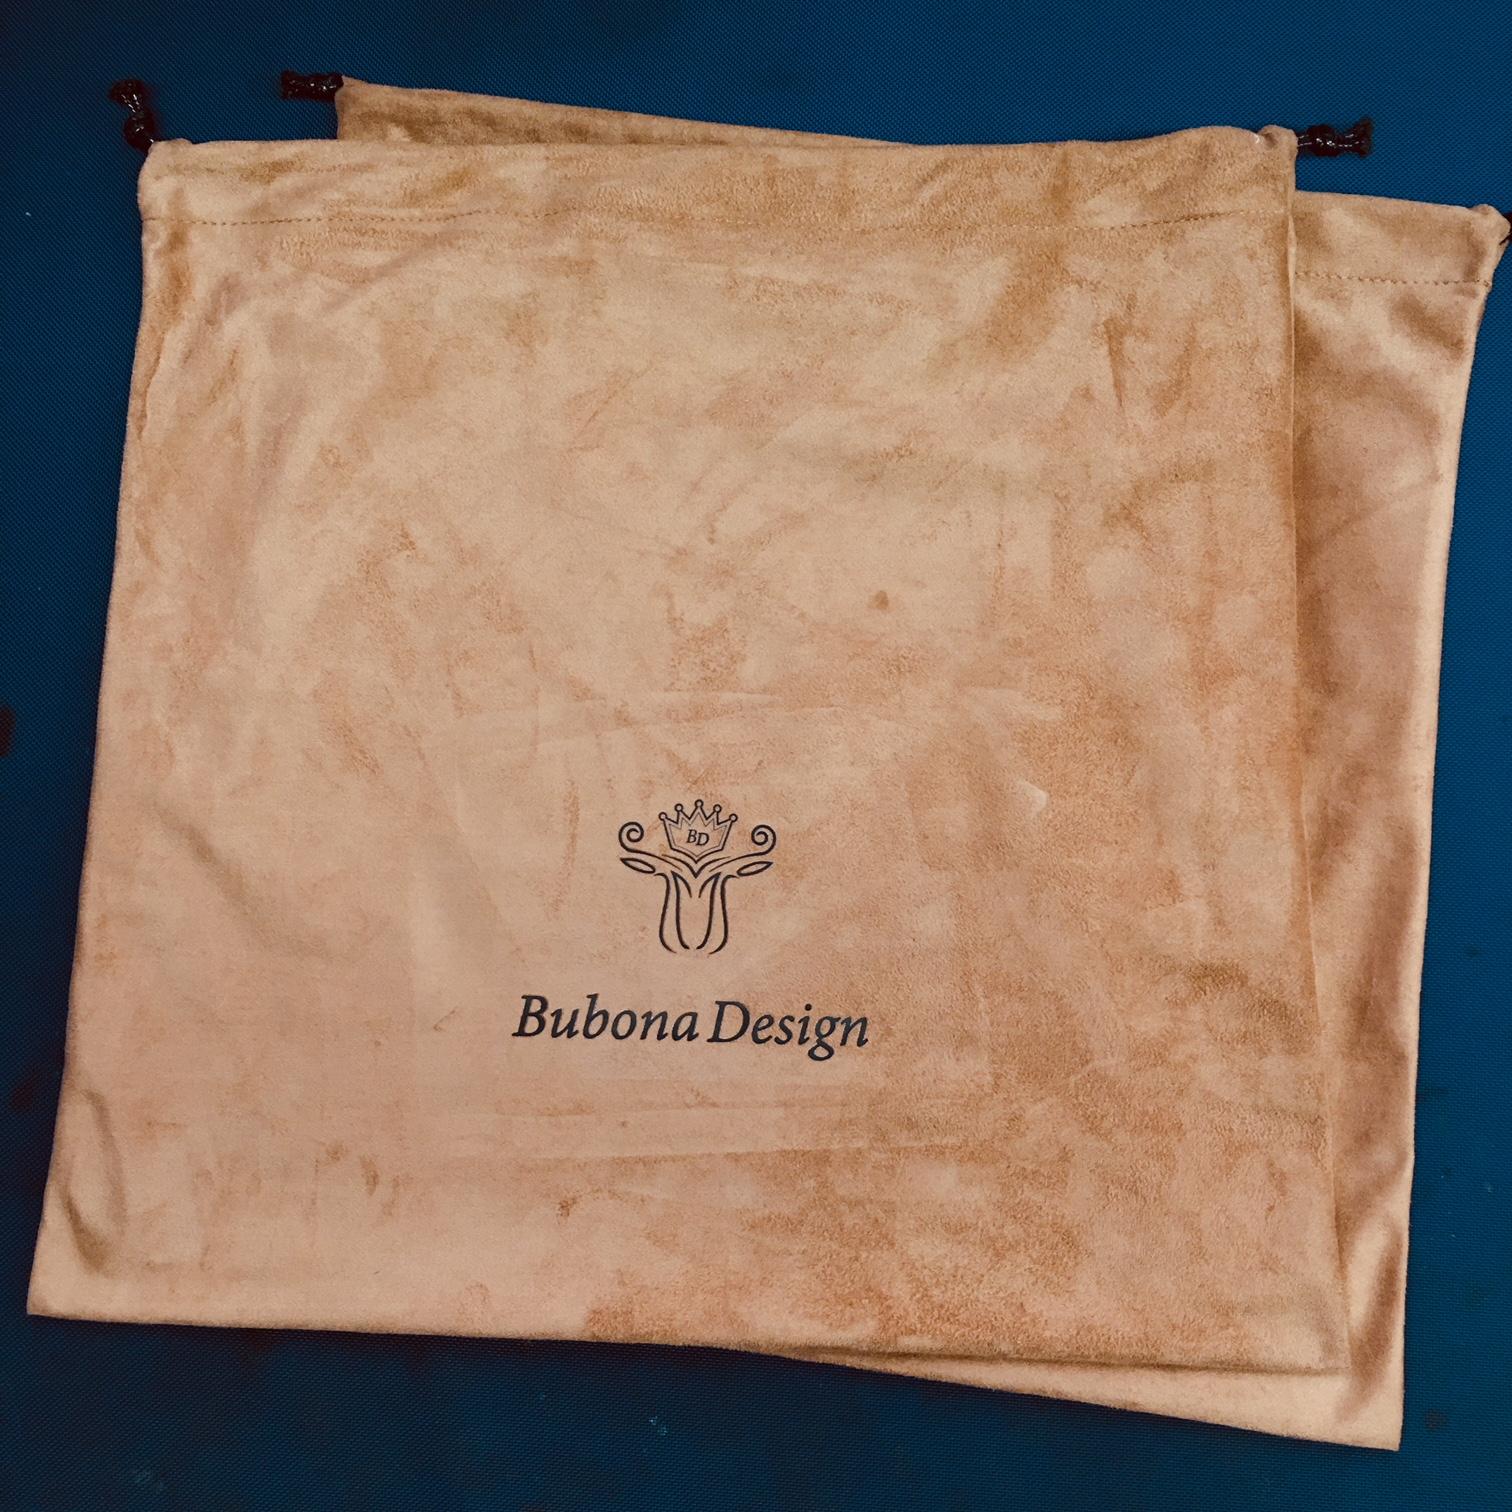 Bubona Design 商品を入れる巾着袋ができました!